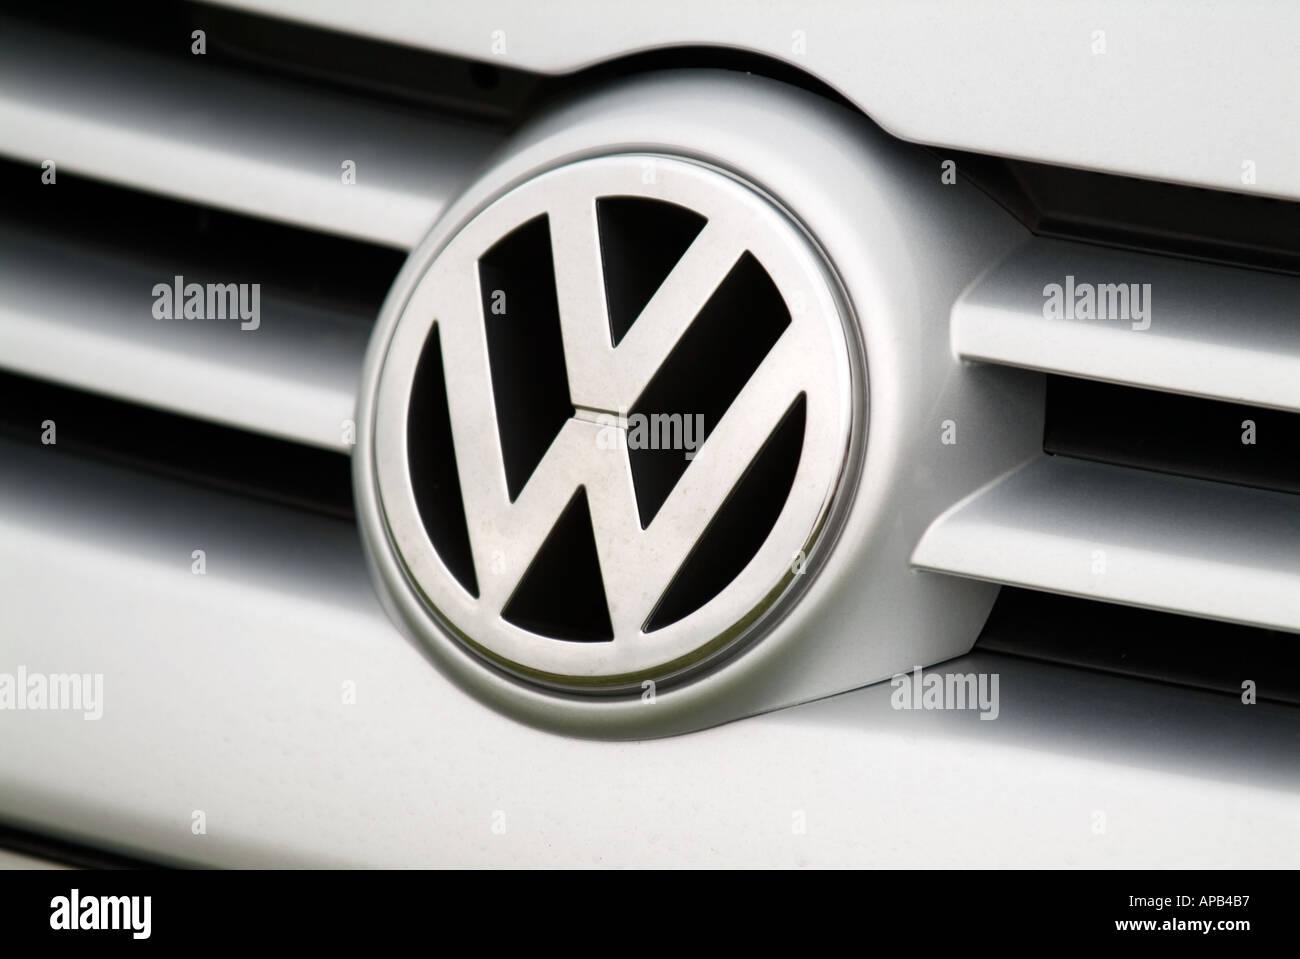 volkswagen car badge vw car german car maker manufacturer audi petrol internal combustion engine - Stock Image